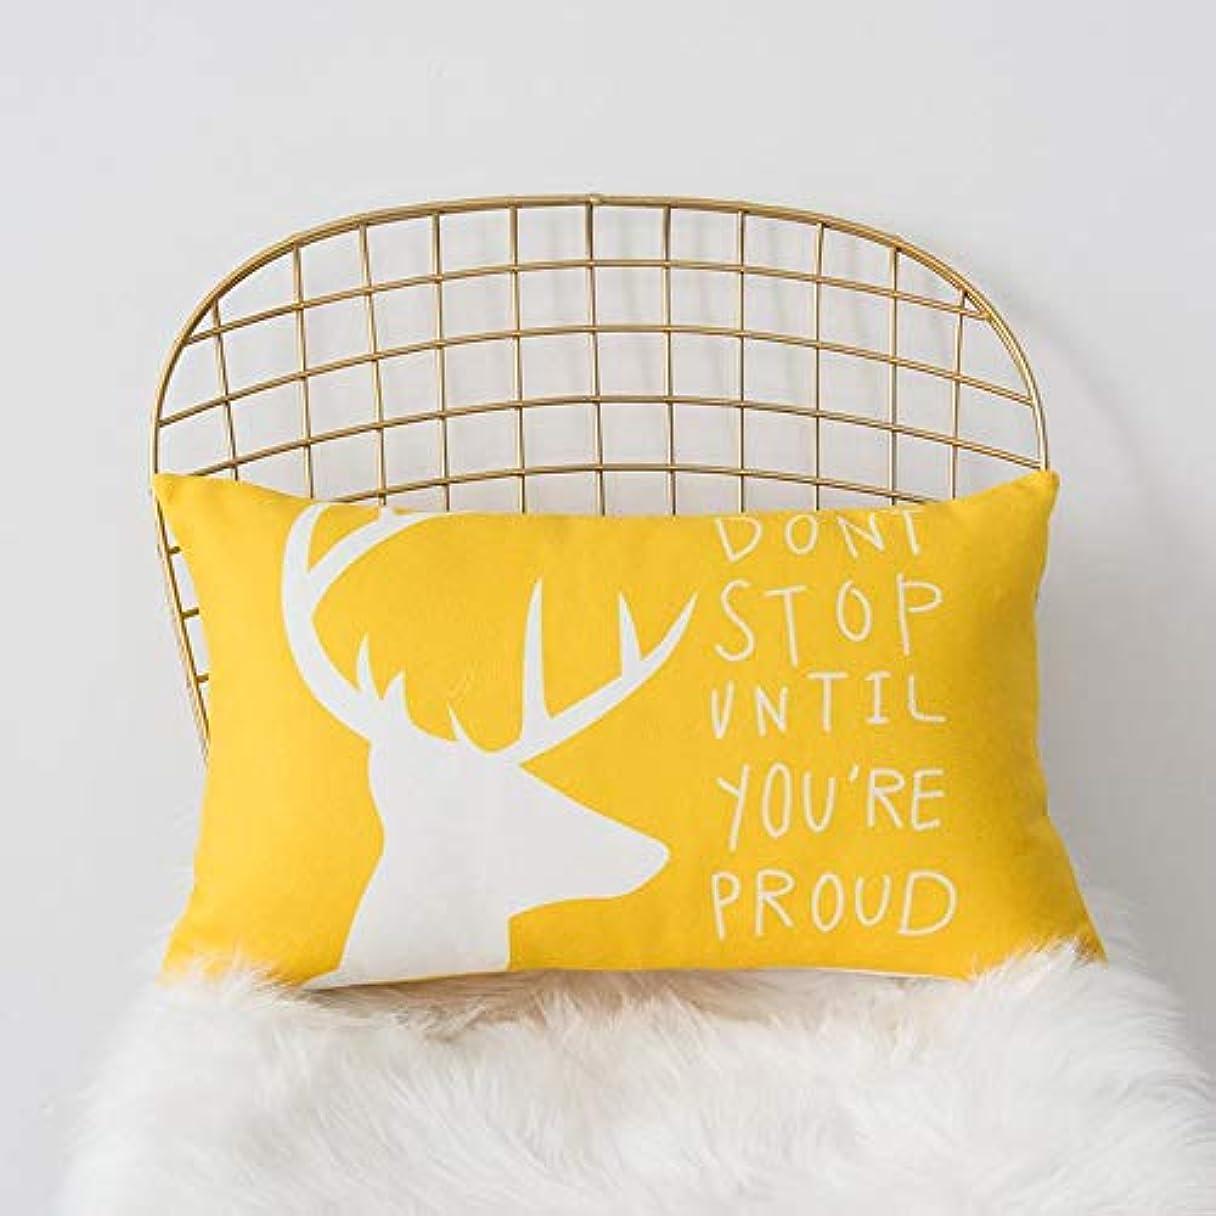 火炎カウンタ恐ろしいですSMART 黄色グレー枕北欧スタイル黄色ヘラジカ幾何枕リビングルームのインテリアソファクッション Cojines 装飾良質 クッション 椅子